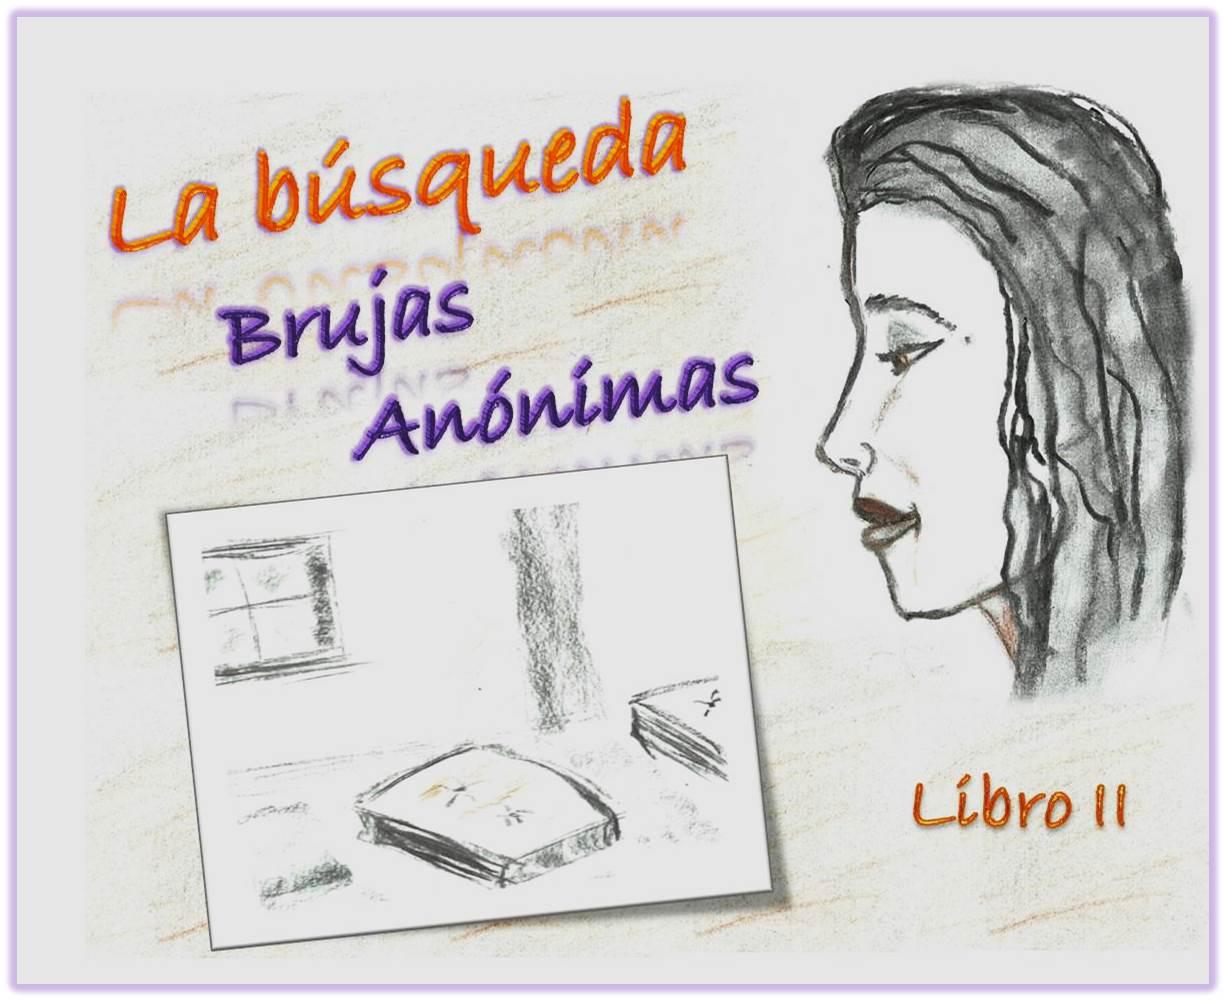 Brujas_Anonimas-Tapa2